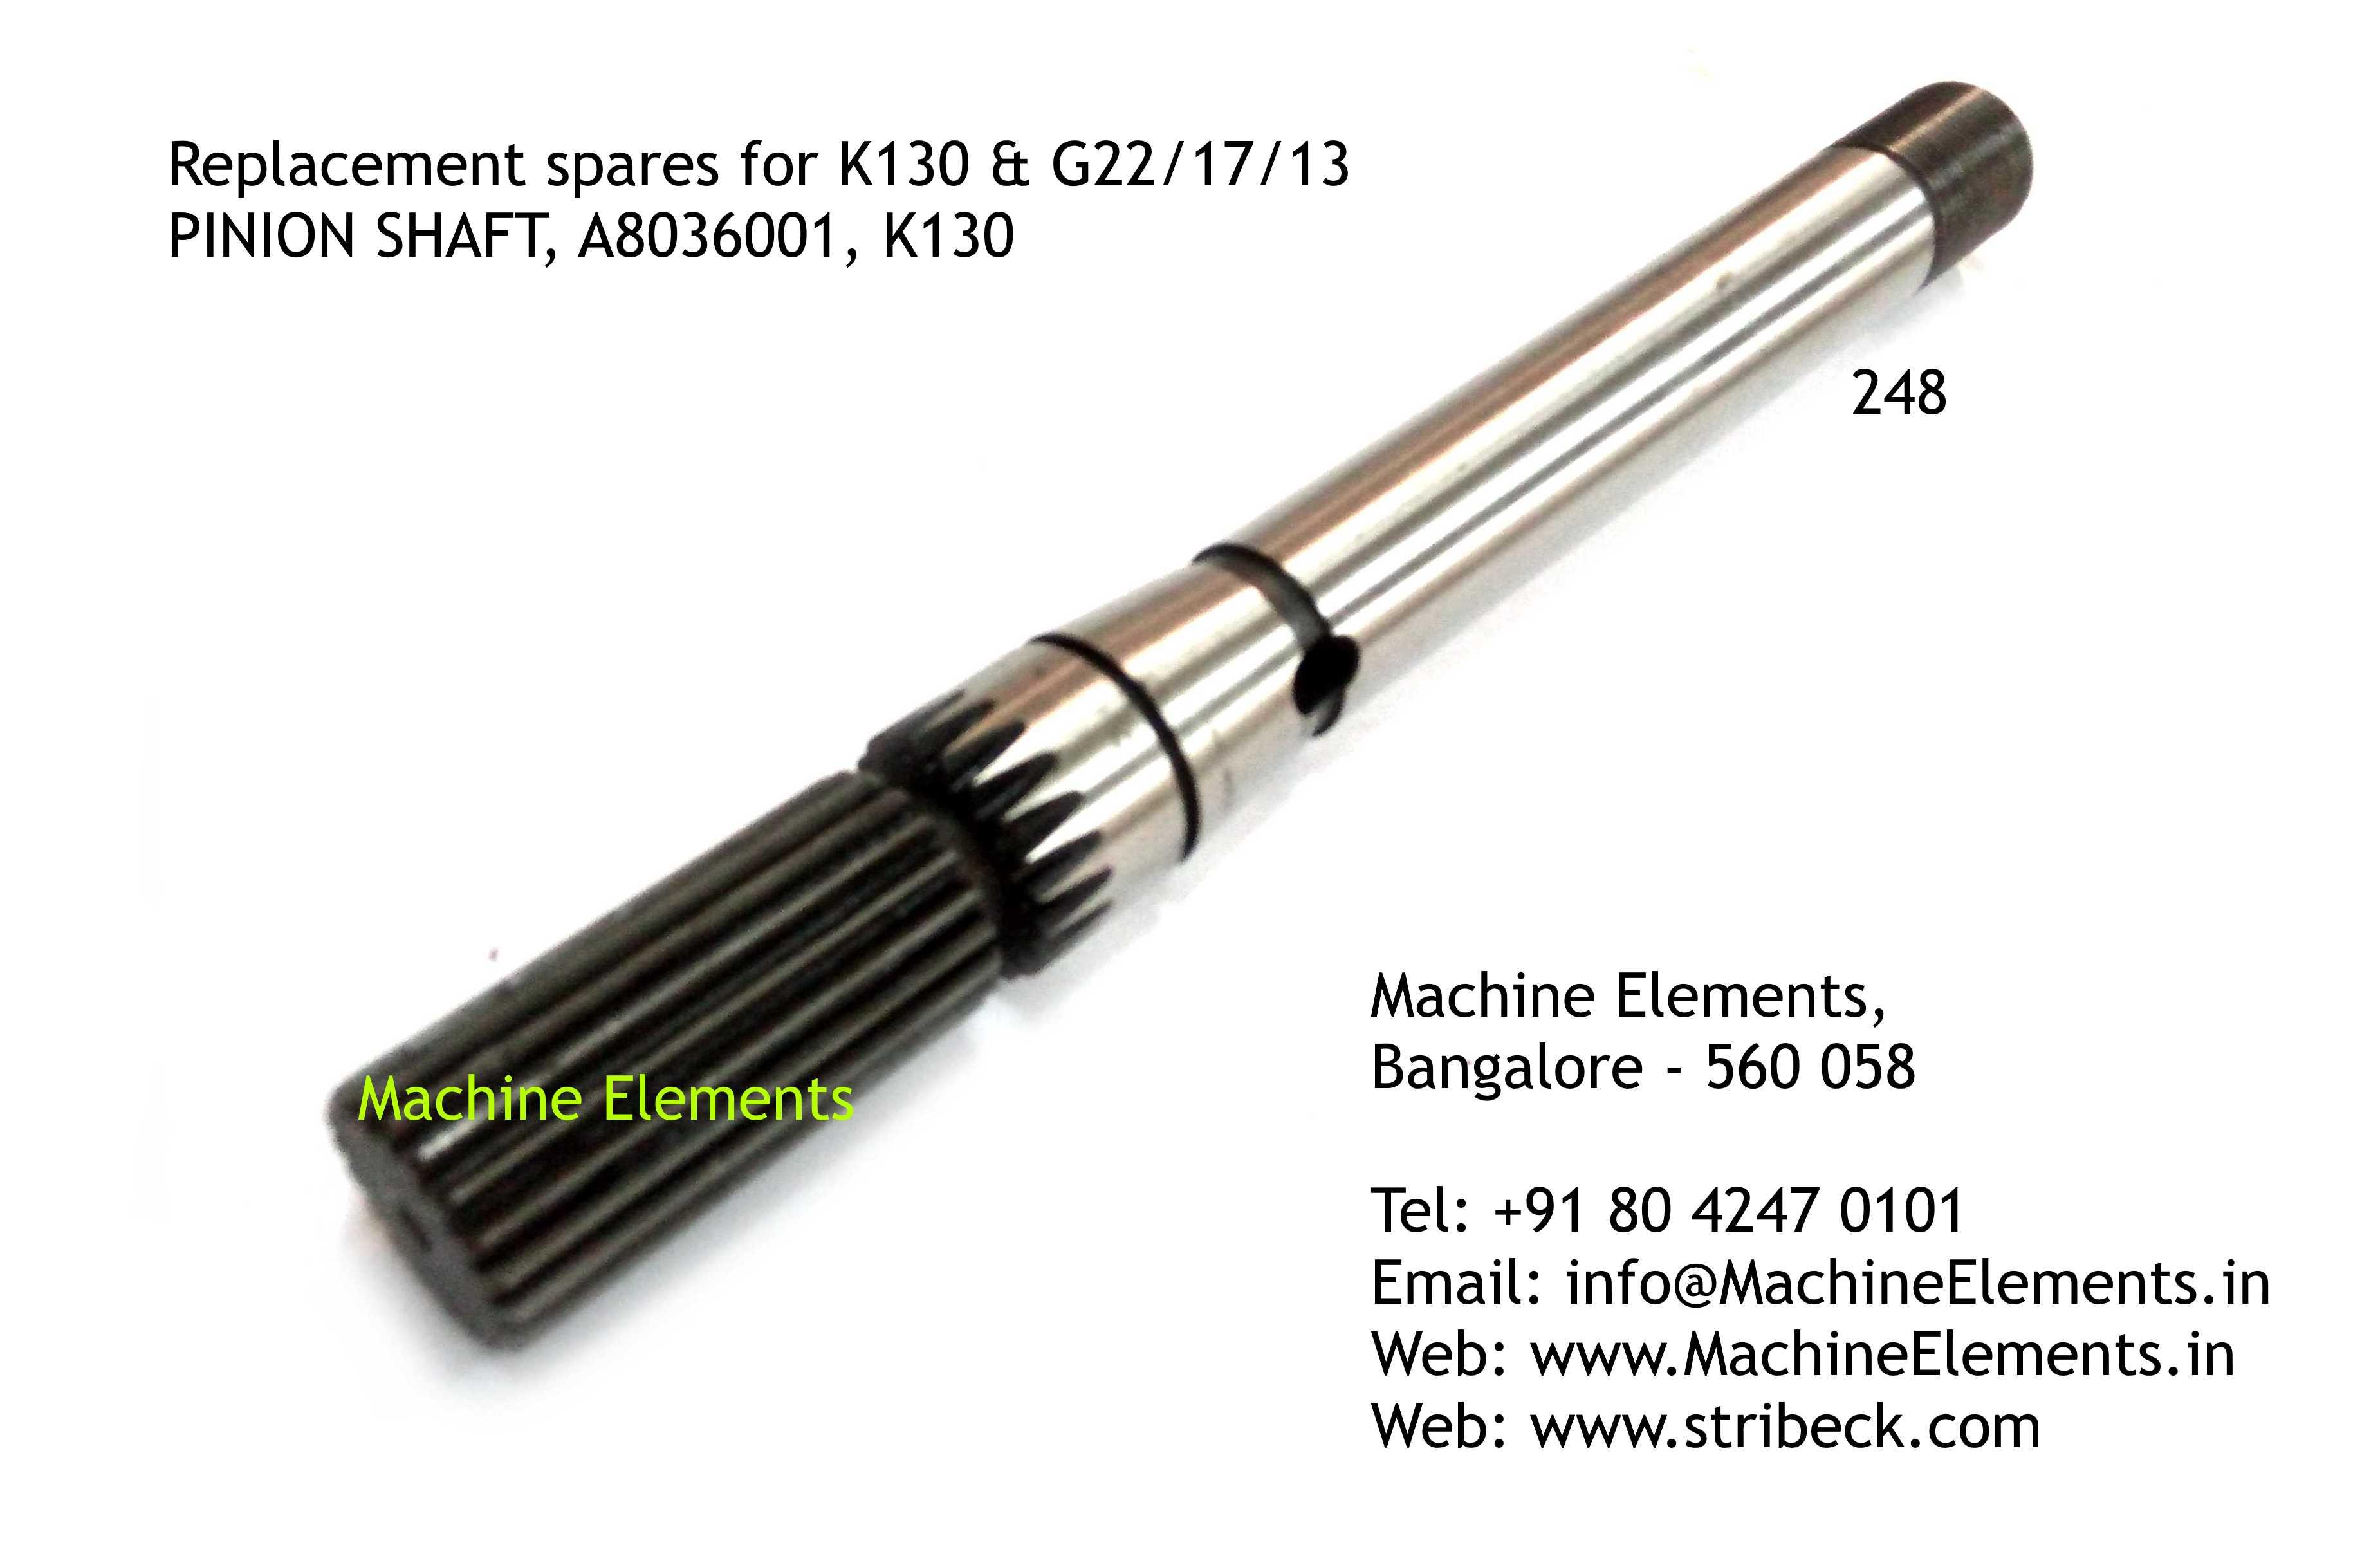 PINION SHAFT, A8036001, K130